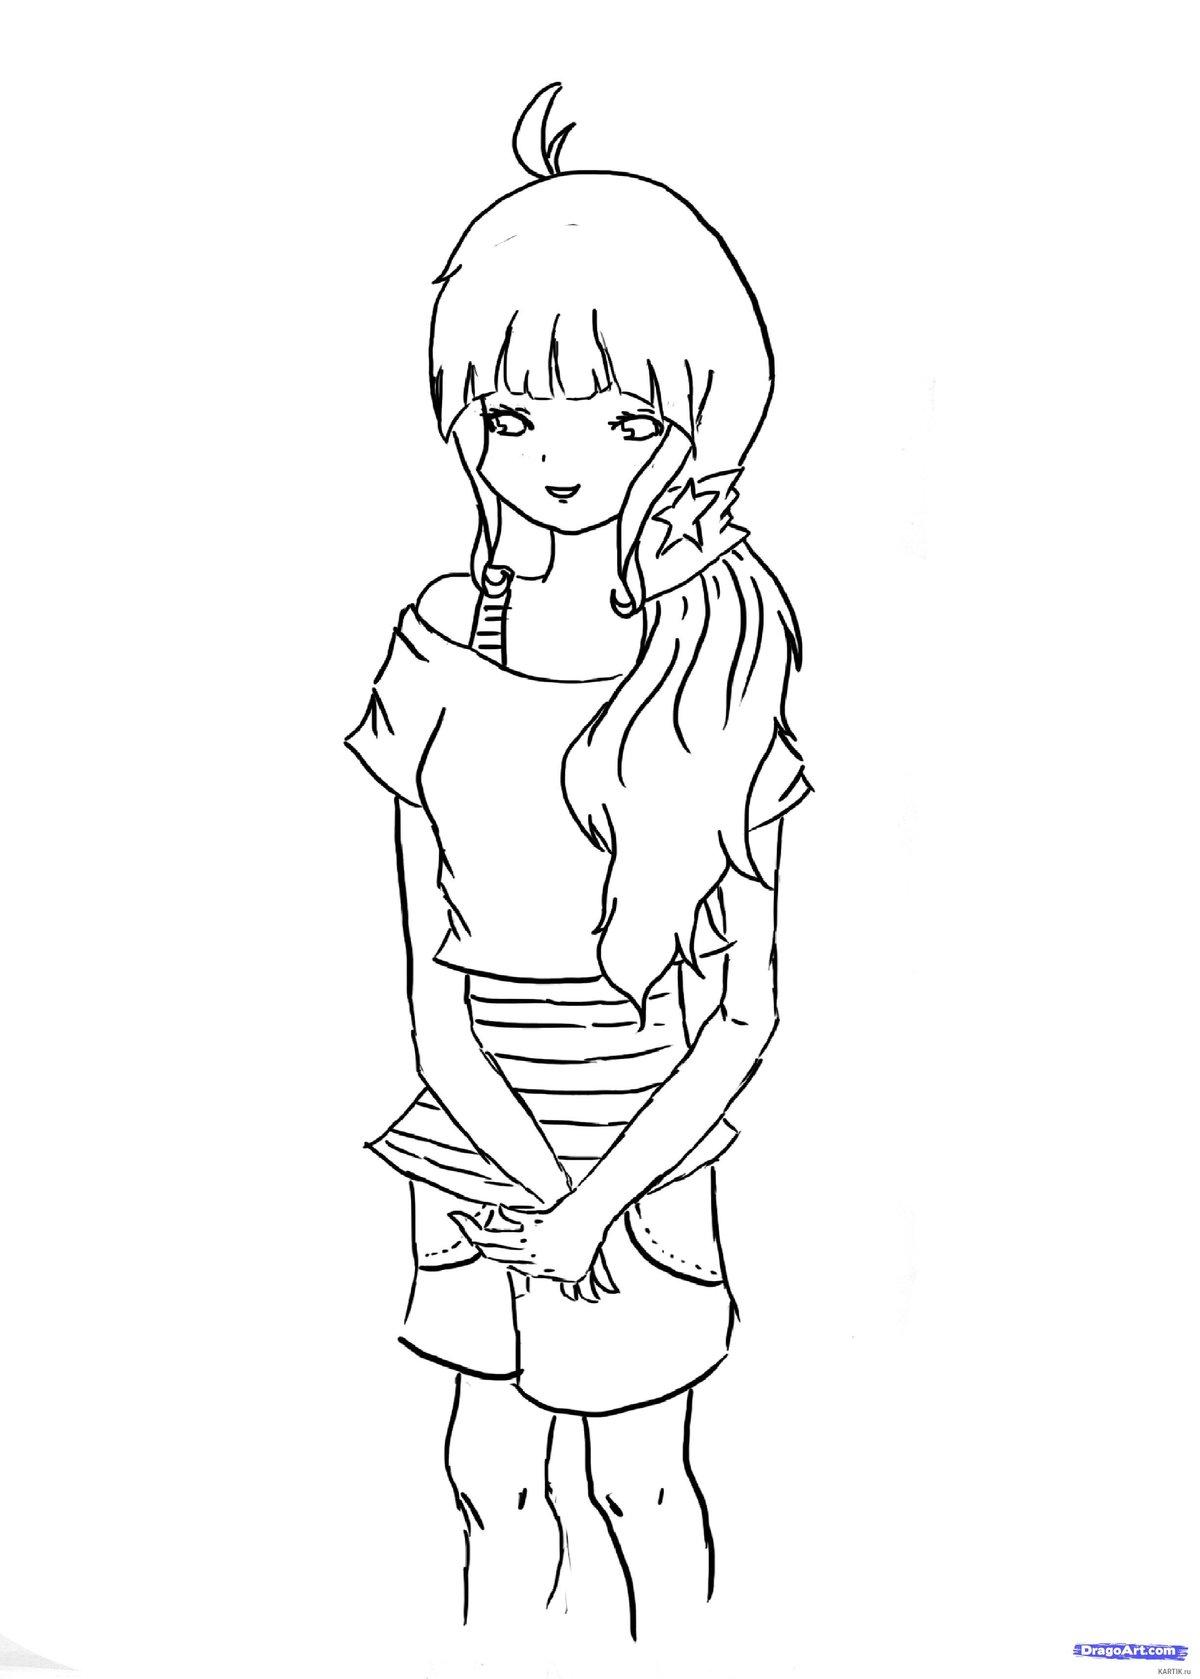 Картинки для срисовки карандашом прикольные для девочек 14 лет легкие аниме, плачущей девушки надписью